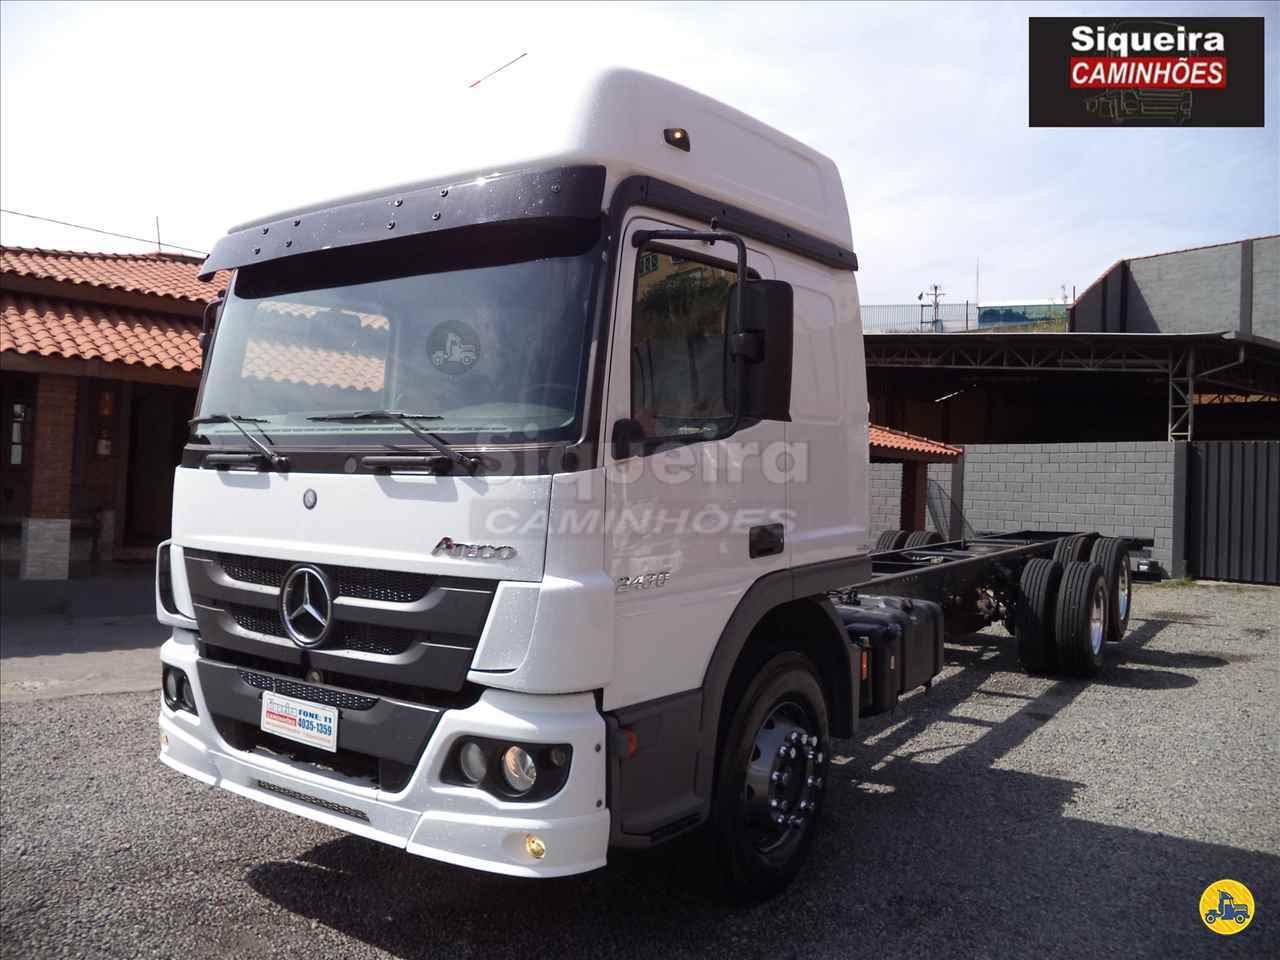 CAMINHAO MERCEDES-BENZ MB 2430 Chassis Truck 6x2 Siqueira Caminhões BRAGANCA PAULISTA SÃO PAULO SP